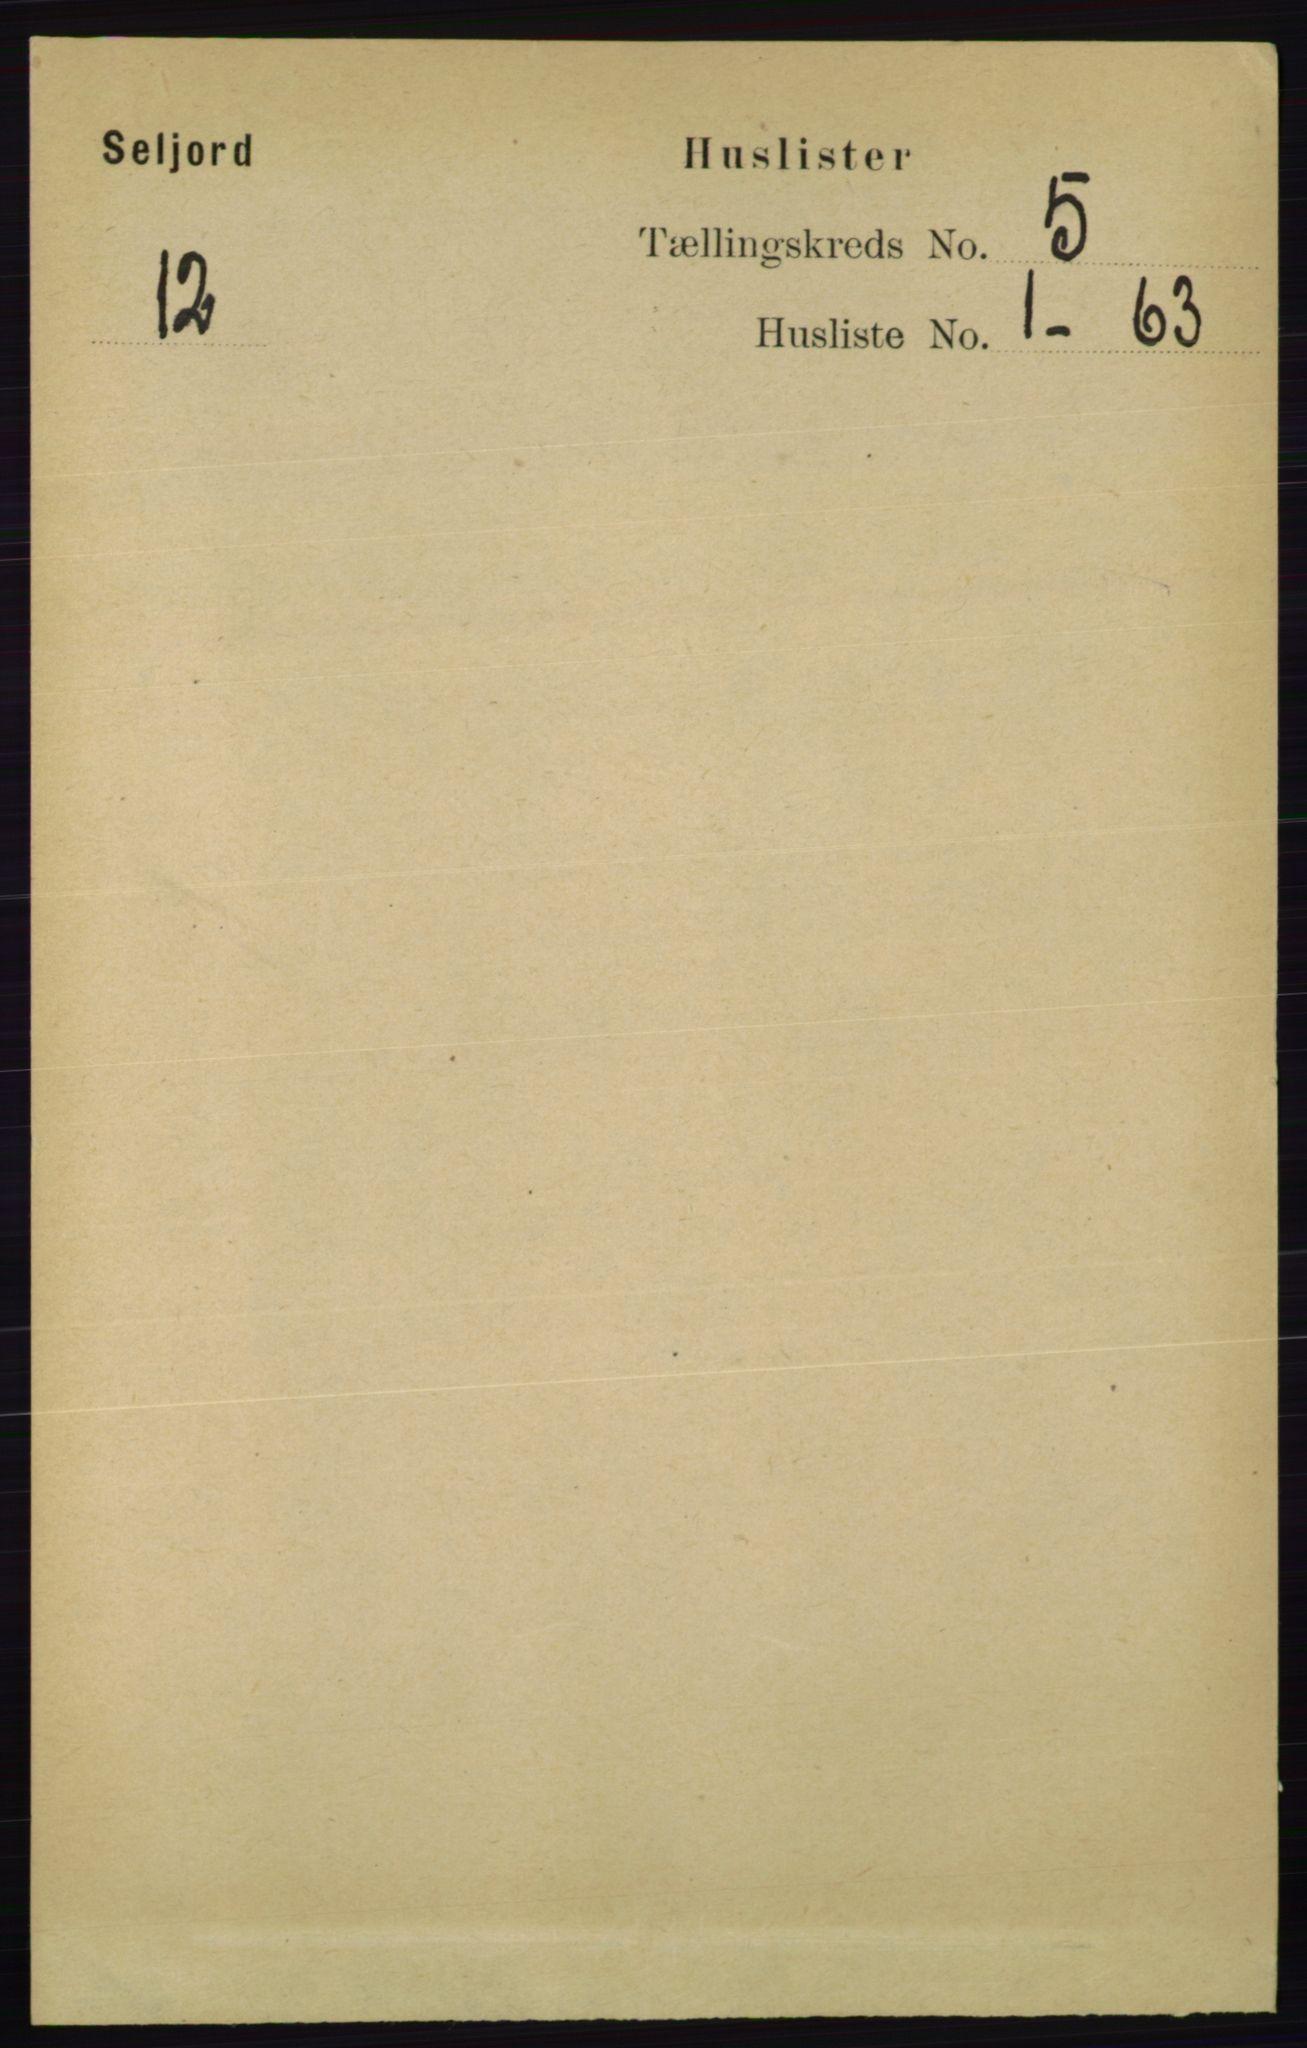 RA, Folketelling 1891 for 0828 Seljord herred, 1891, s. 1732